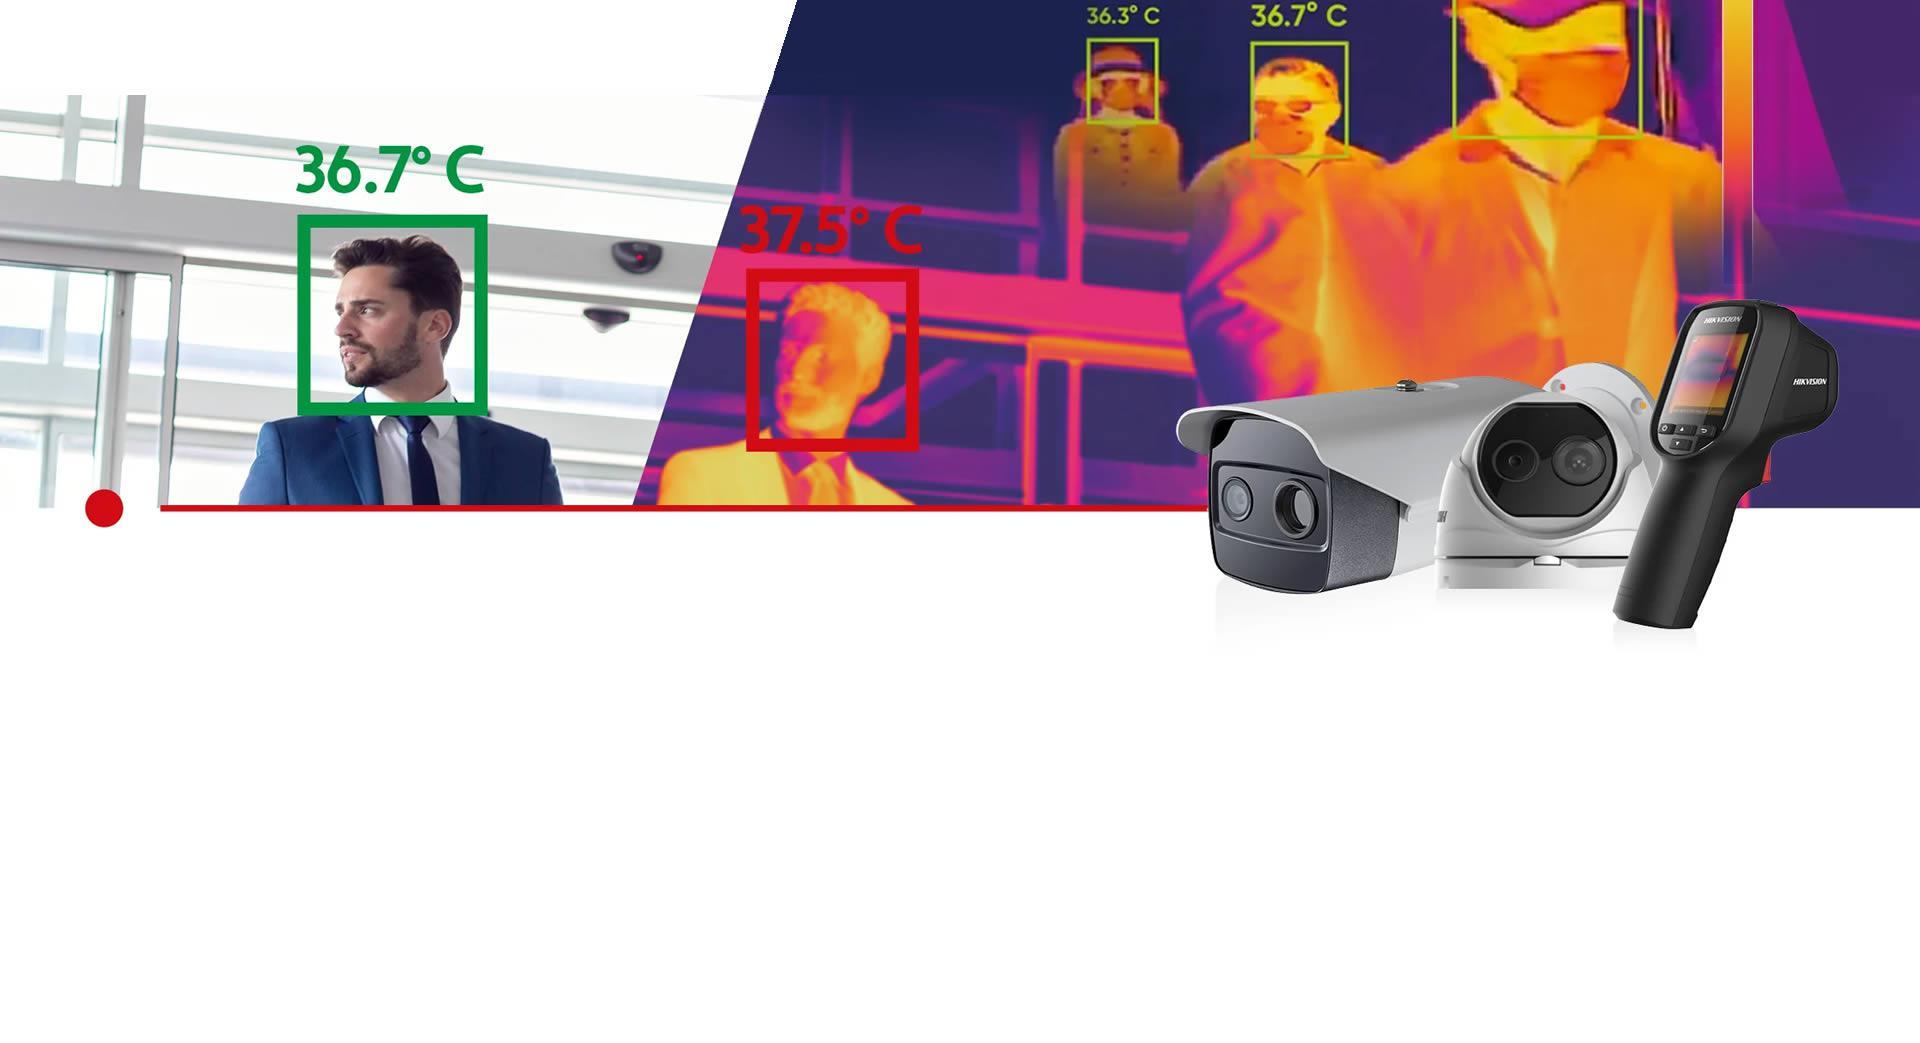 Càmeres de detecció tèrmica de febre